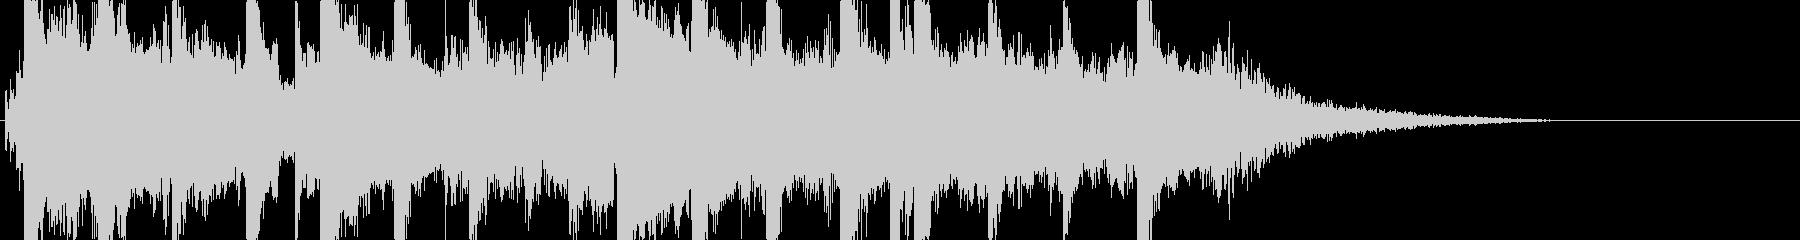 バグパイプのジングルの未再生の波形